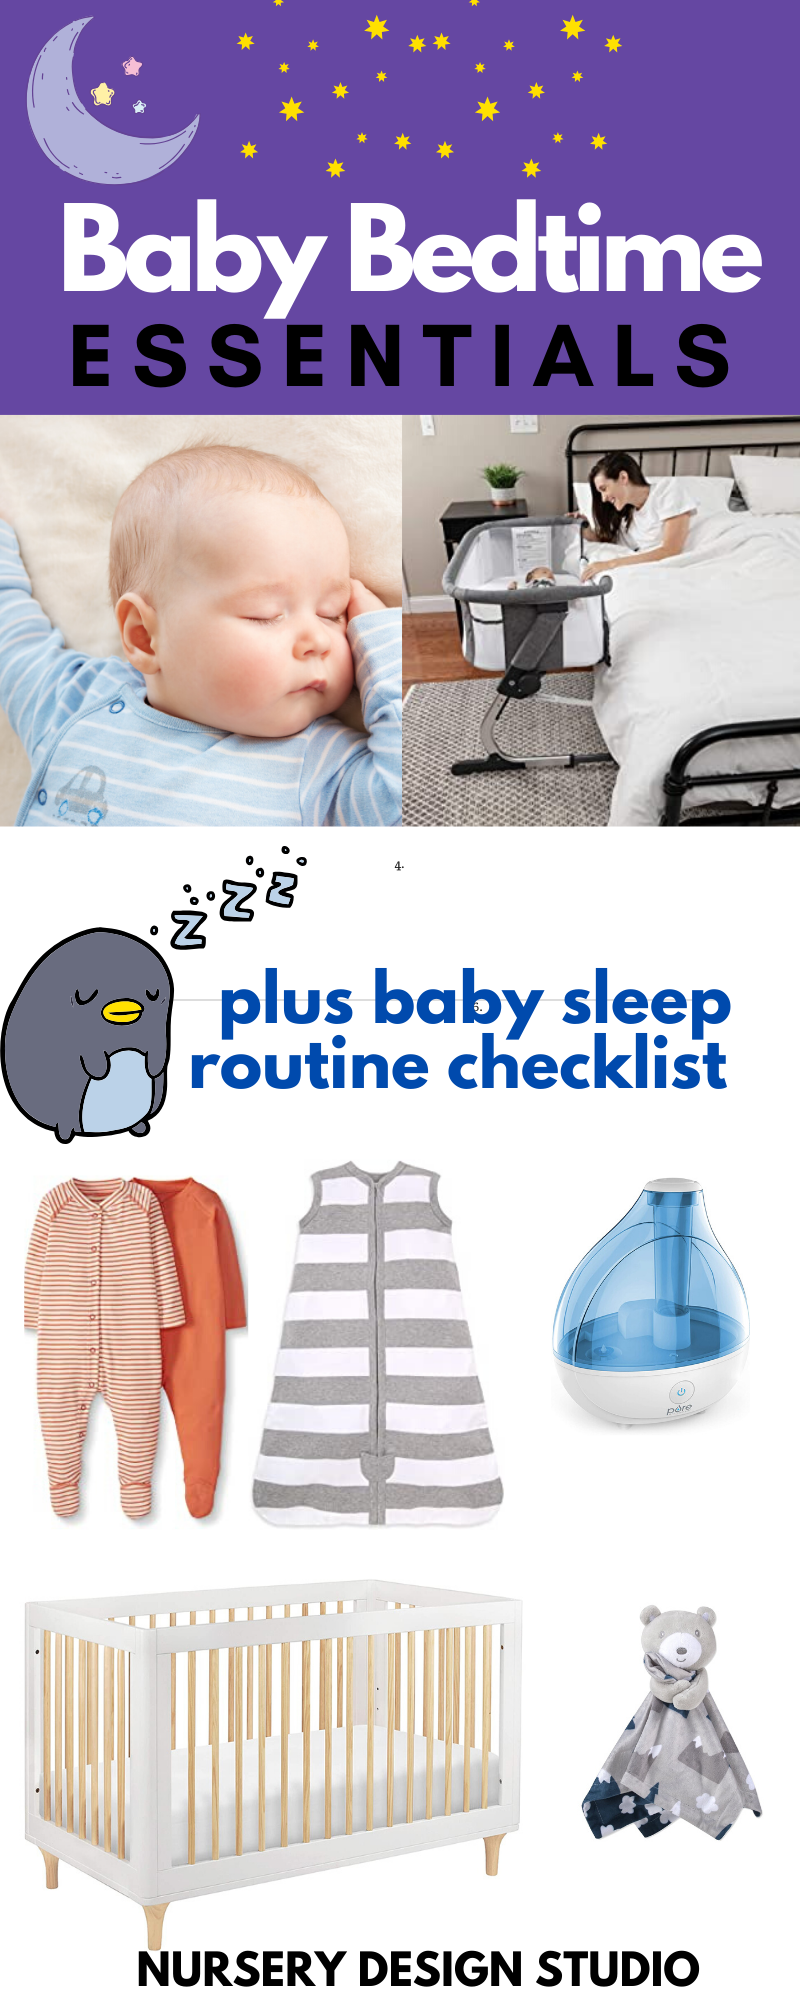 BABY BEDTIME ESSENTIALS